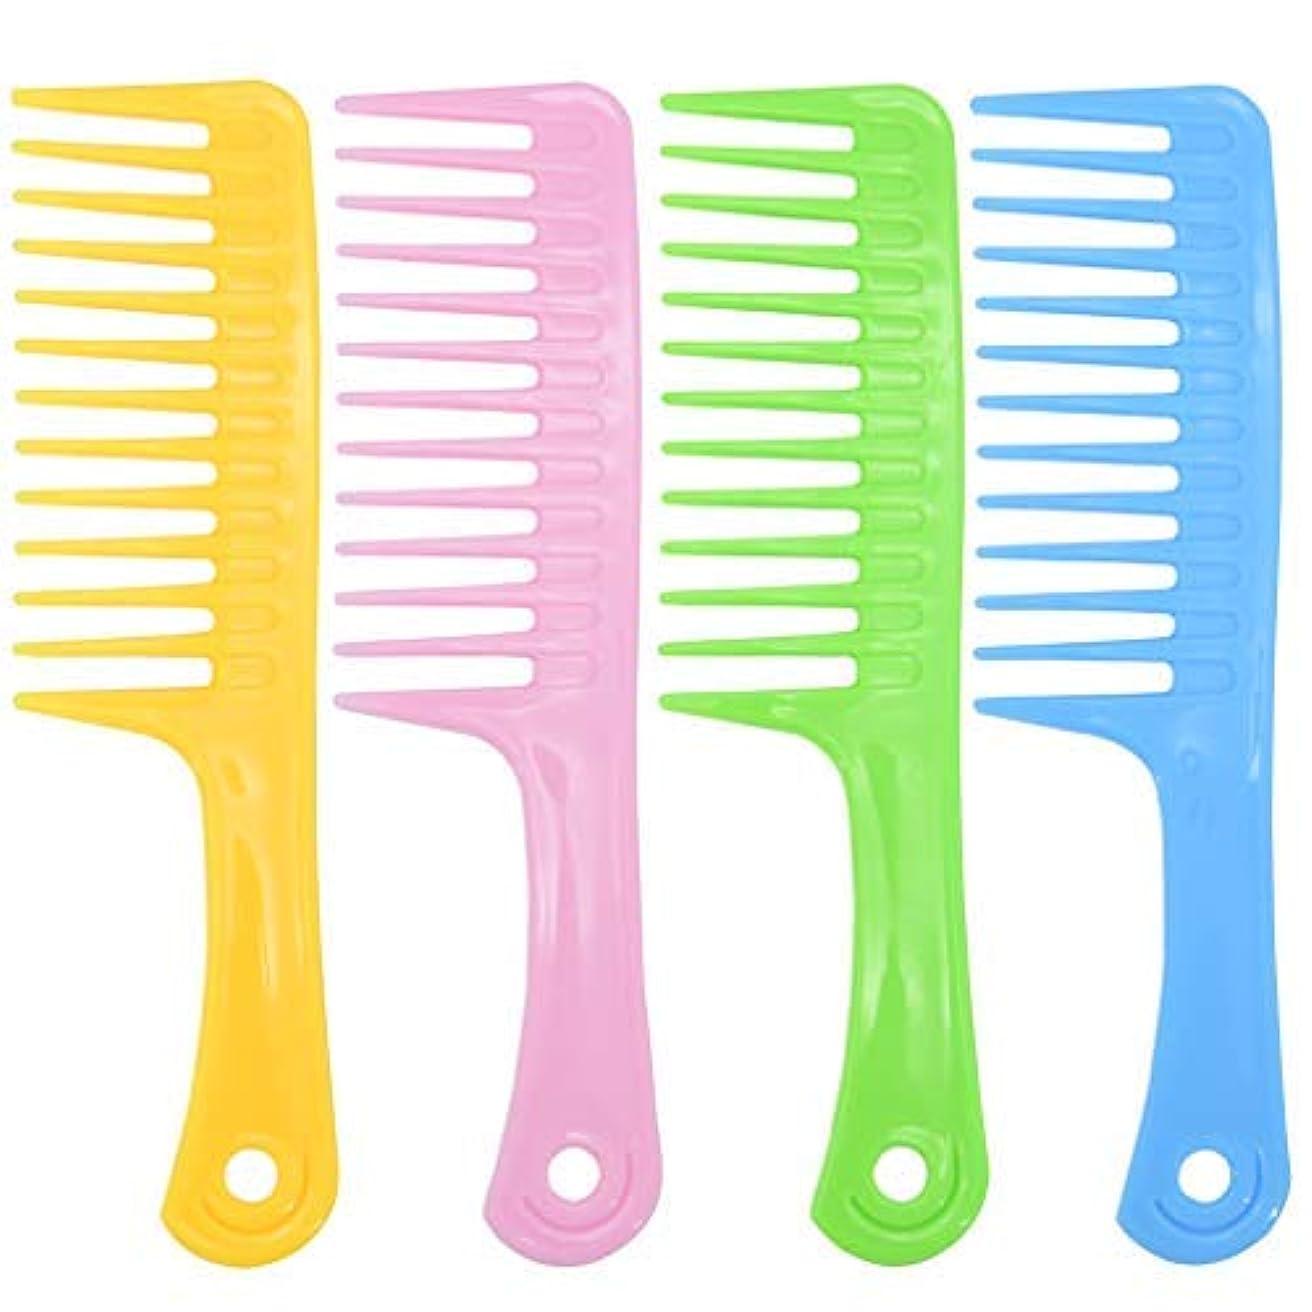 ハック叱る単位Ancefine 8 Pieces Large Tooth Detangle Comb Anti-static Wide Hair Salon Shampoo Comb for Thick,Long and Curl Hair...